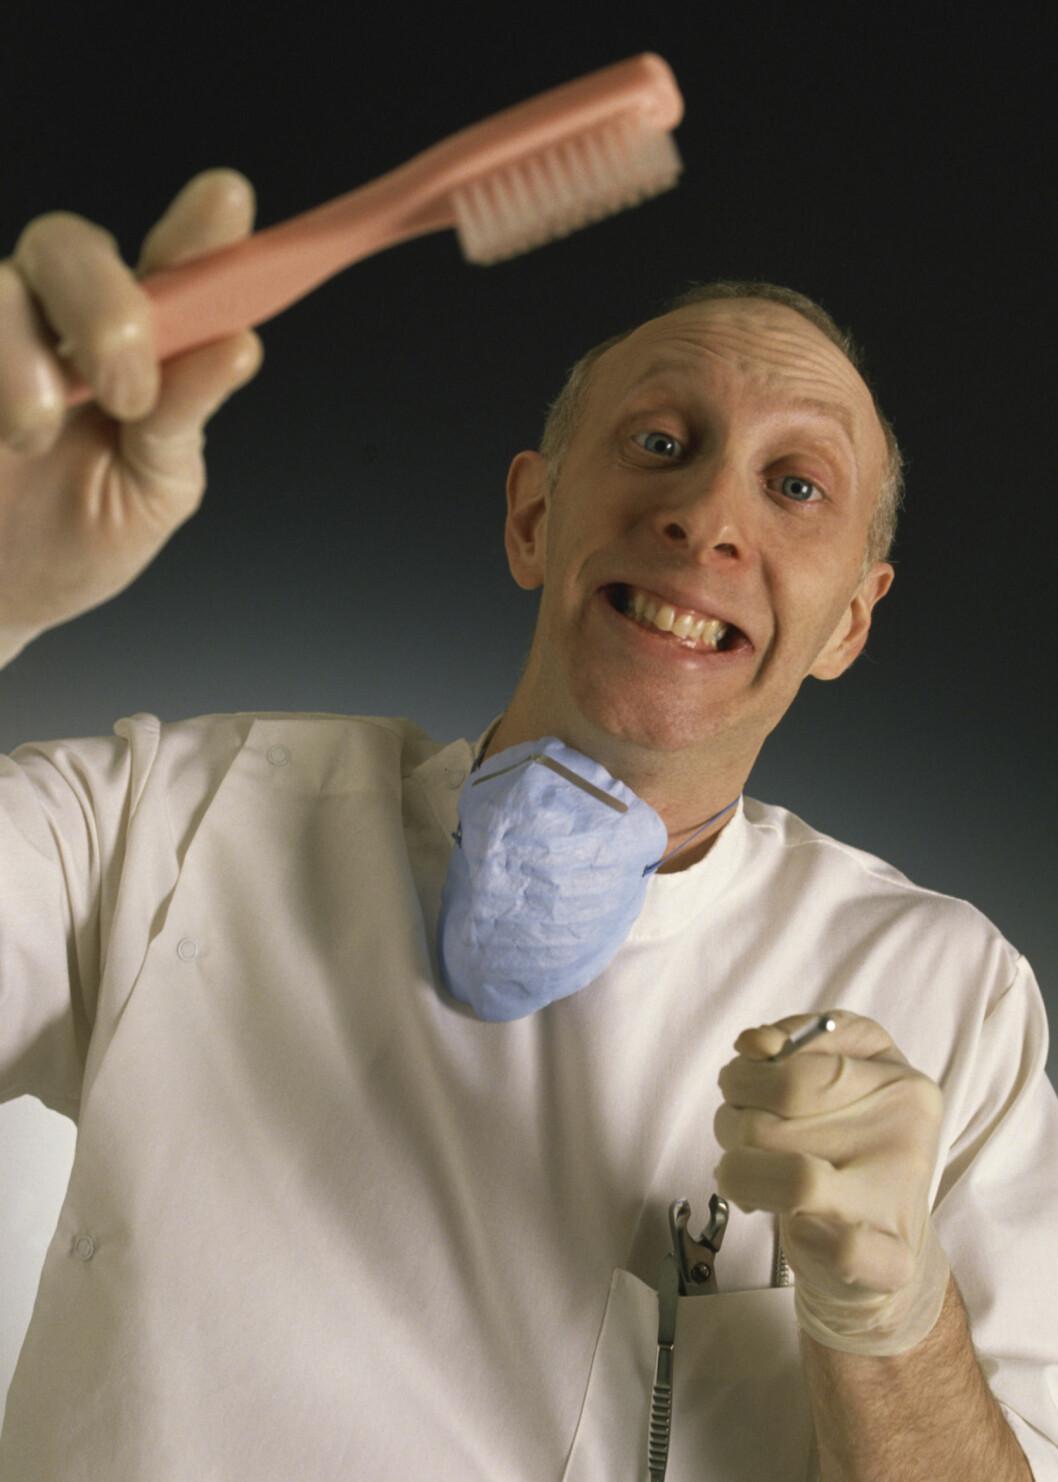 Skrekk og gru hos tannlegen